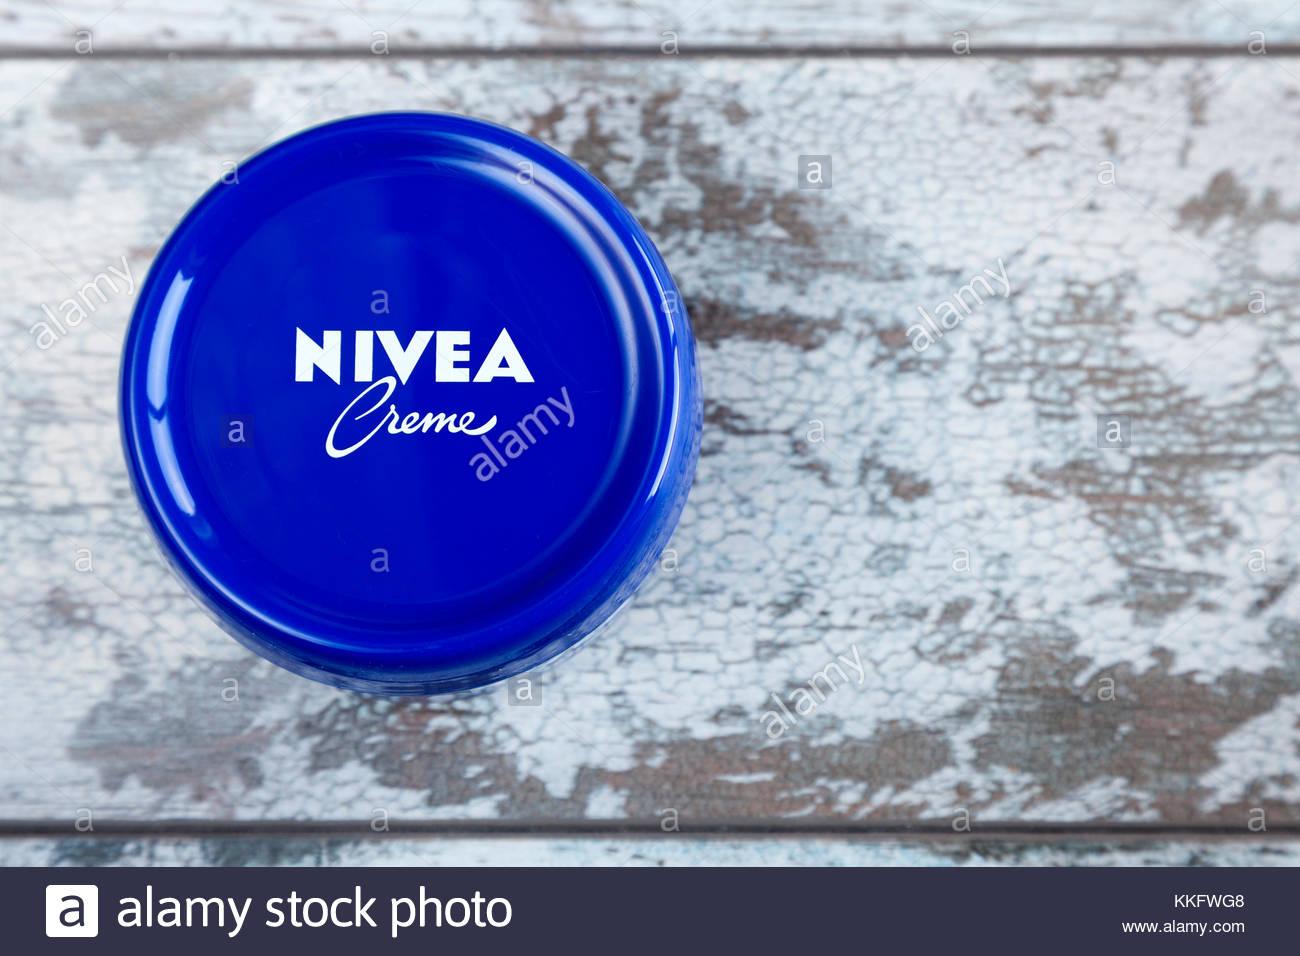 Nivea Crème container - Stock Image